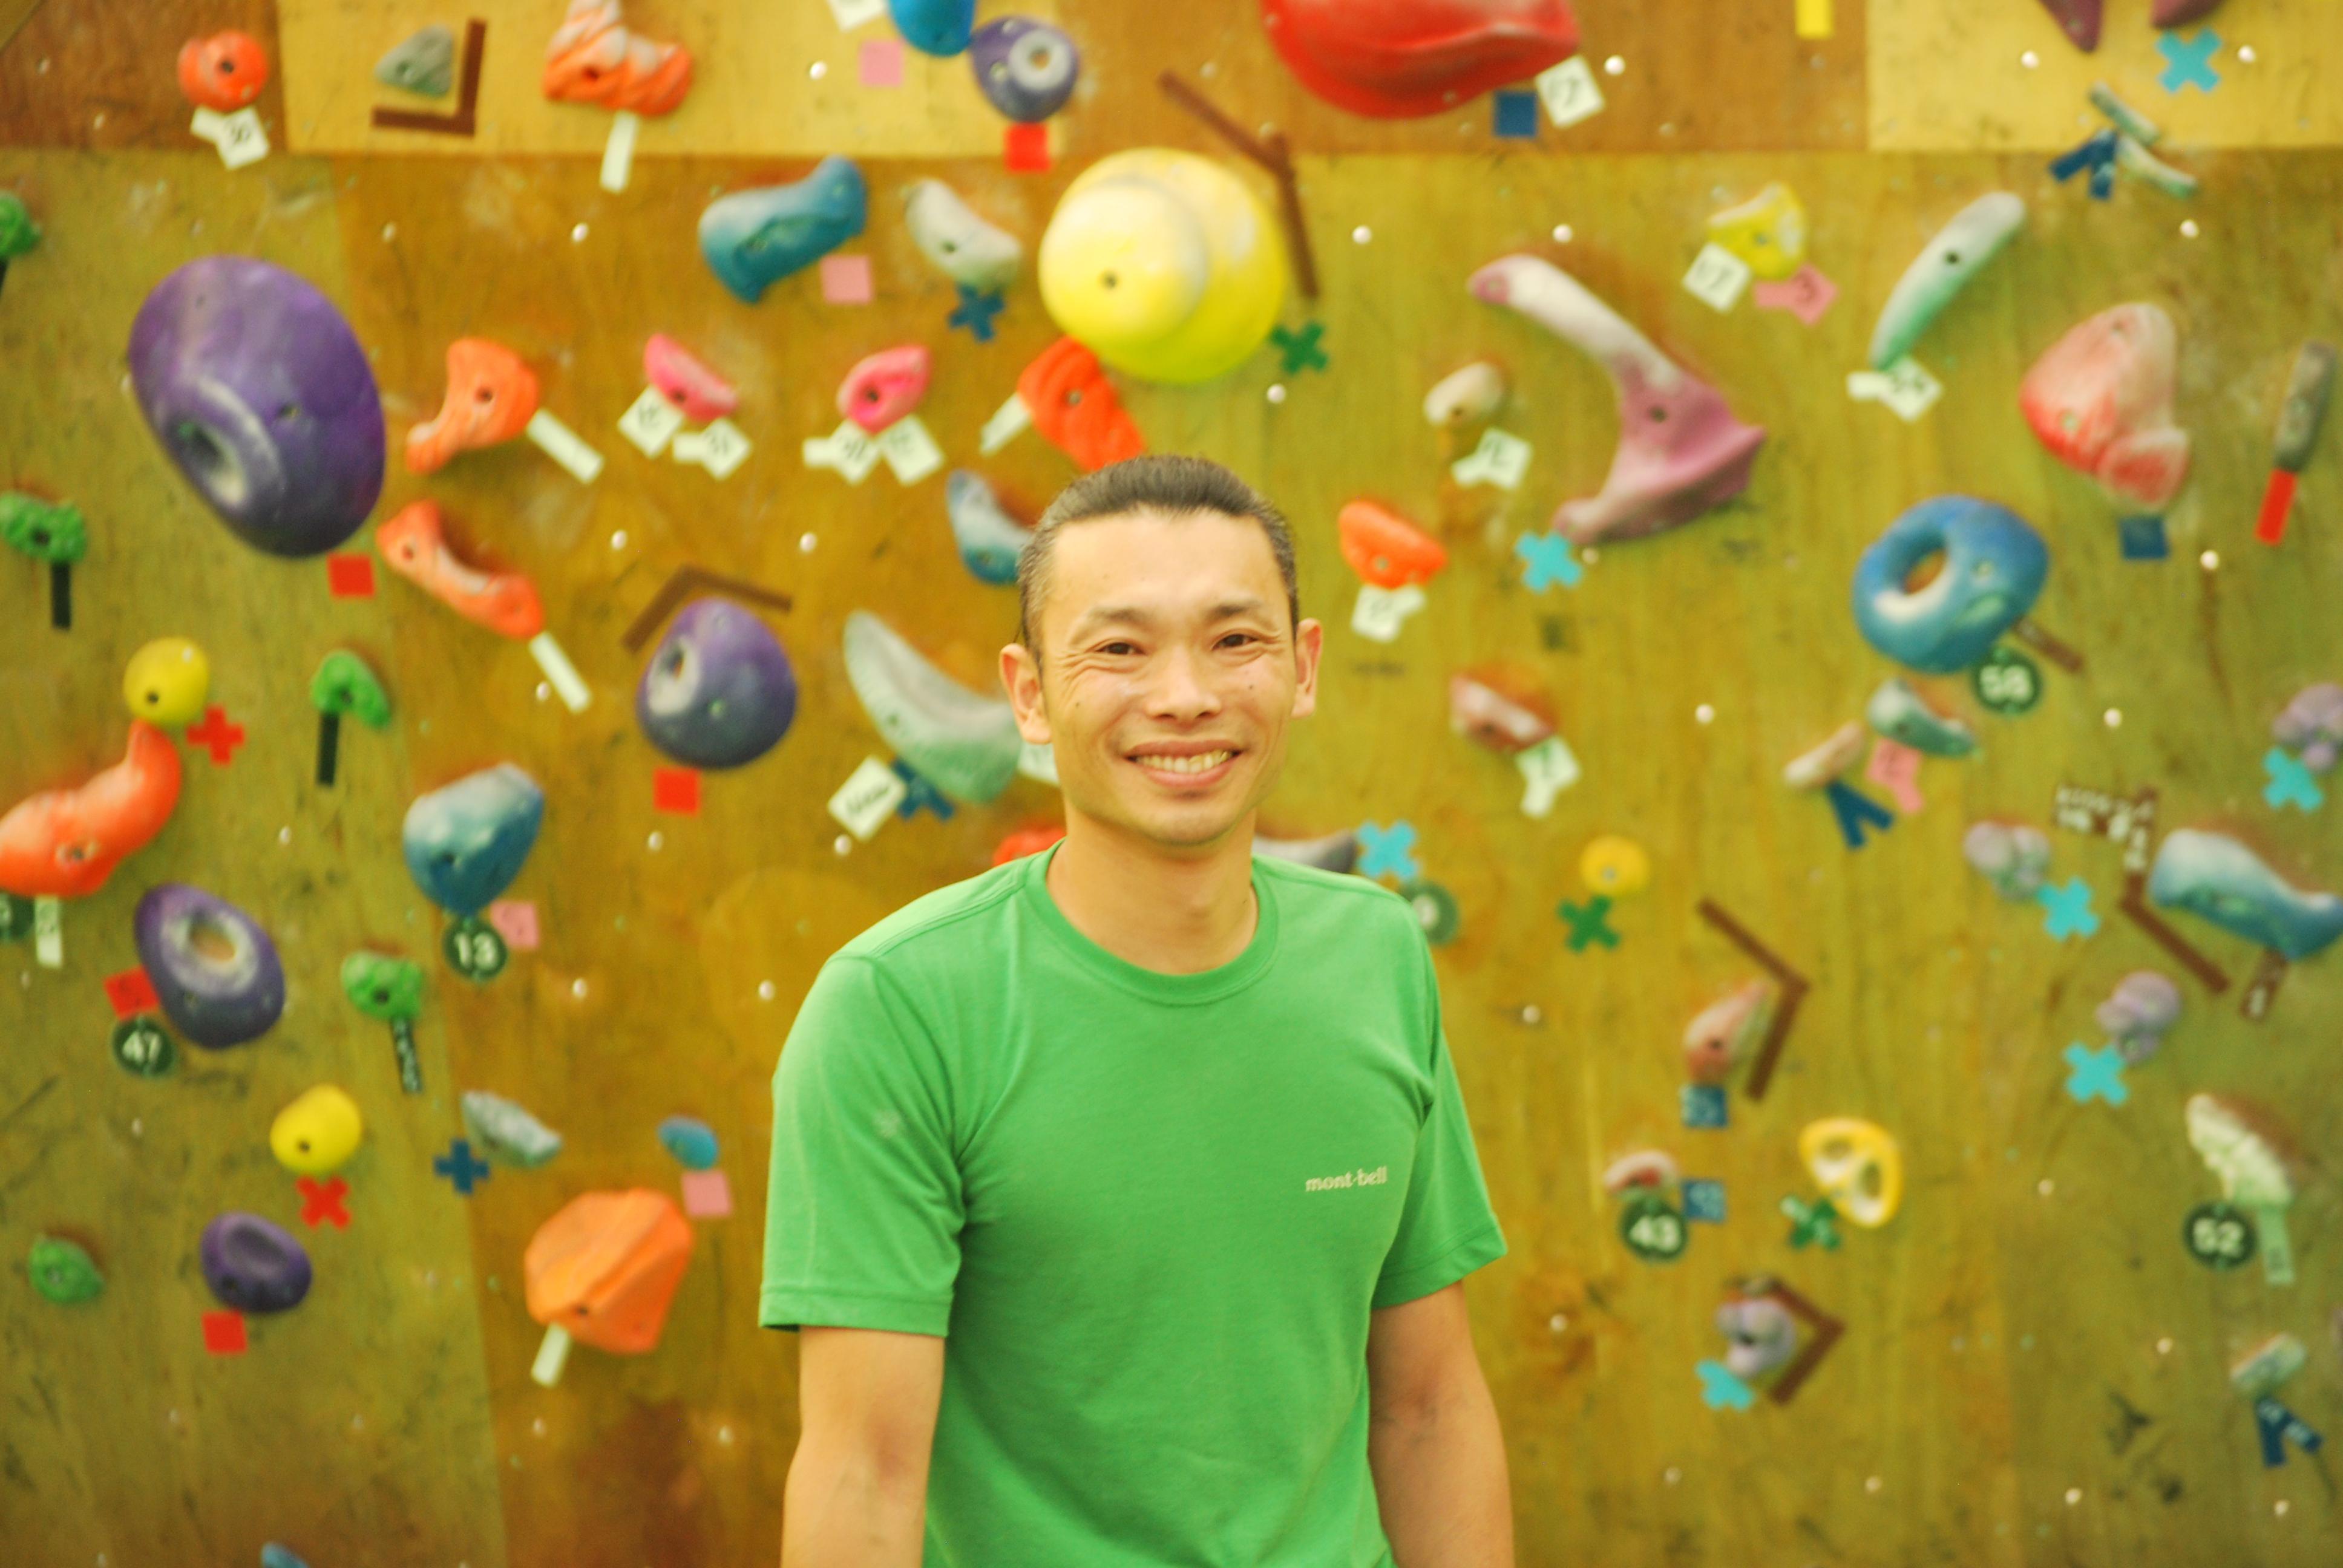 大人の運動だけでなく子どもの習い事に!大垣のボルダリングパーク「ひょうたん島」 - DSC 1099